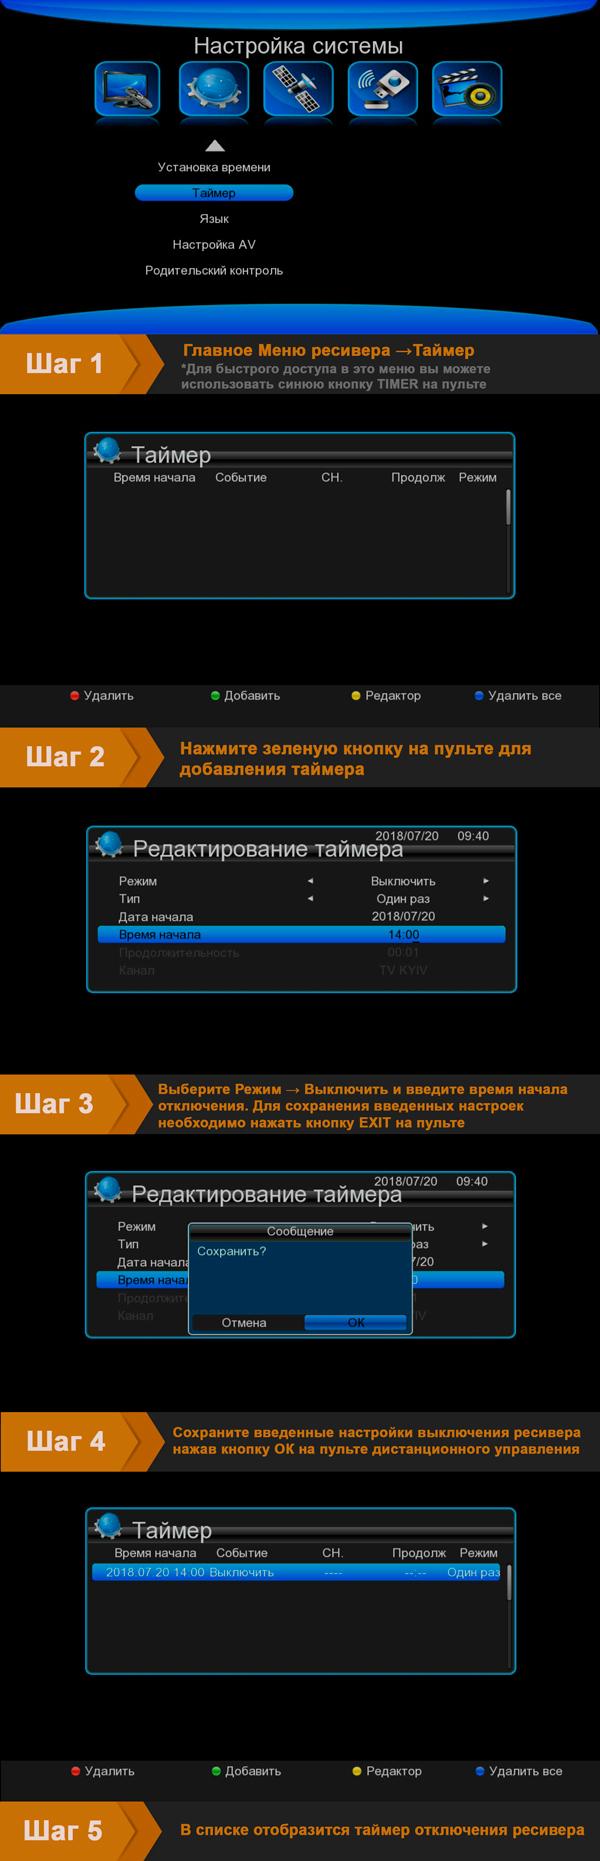 Создание-таймера-отключения-ресивера-alphabox-x7-combo.jpg